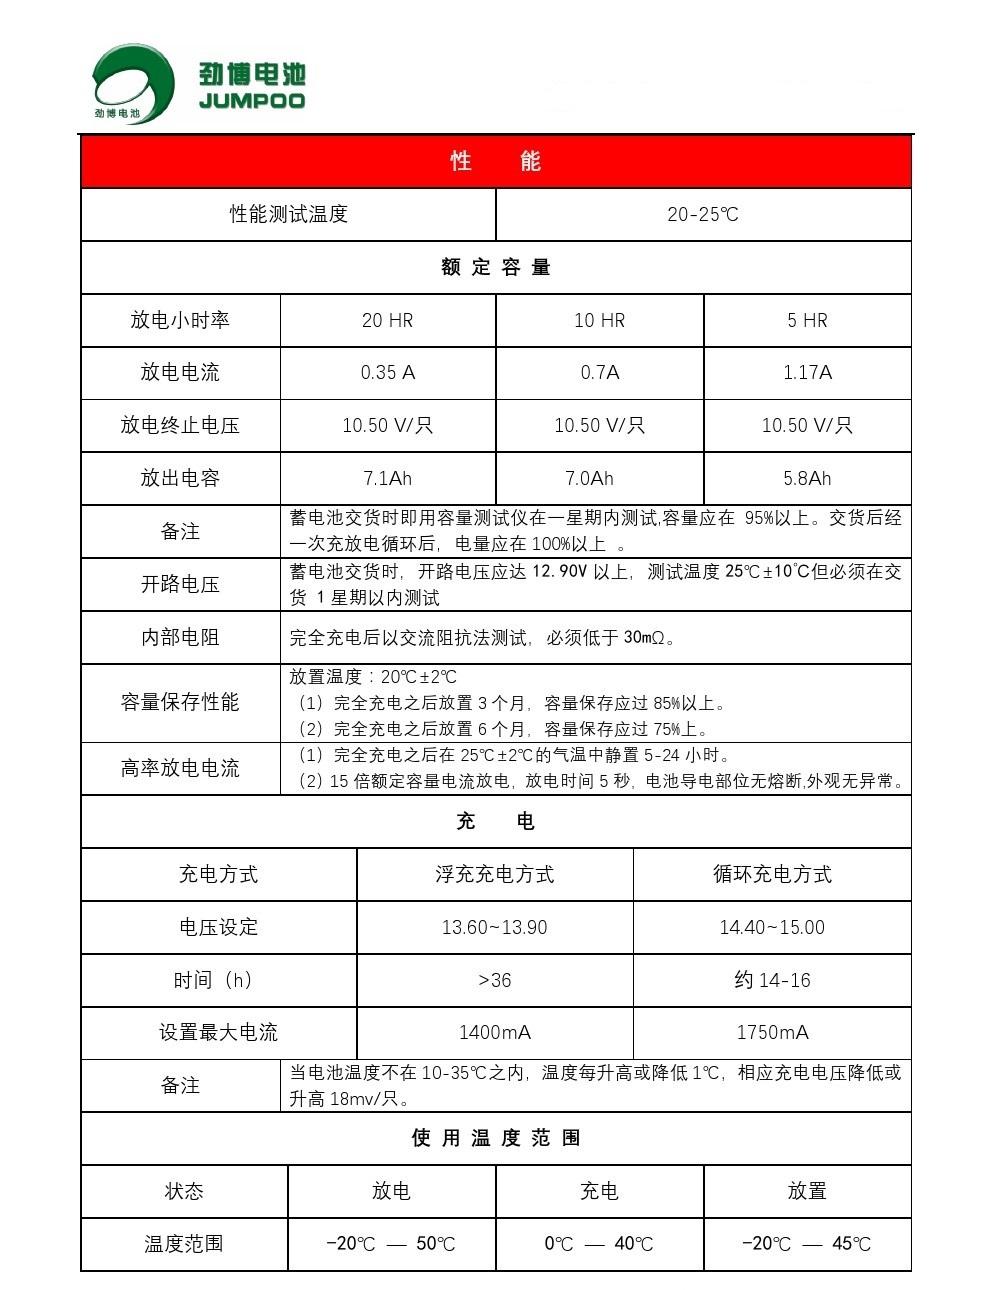 云南劲博蓄电池JP-6-FM-7.0JUMPOO劲博蓄电池12V7AH参数及报价